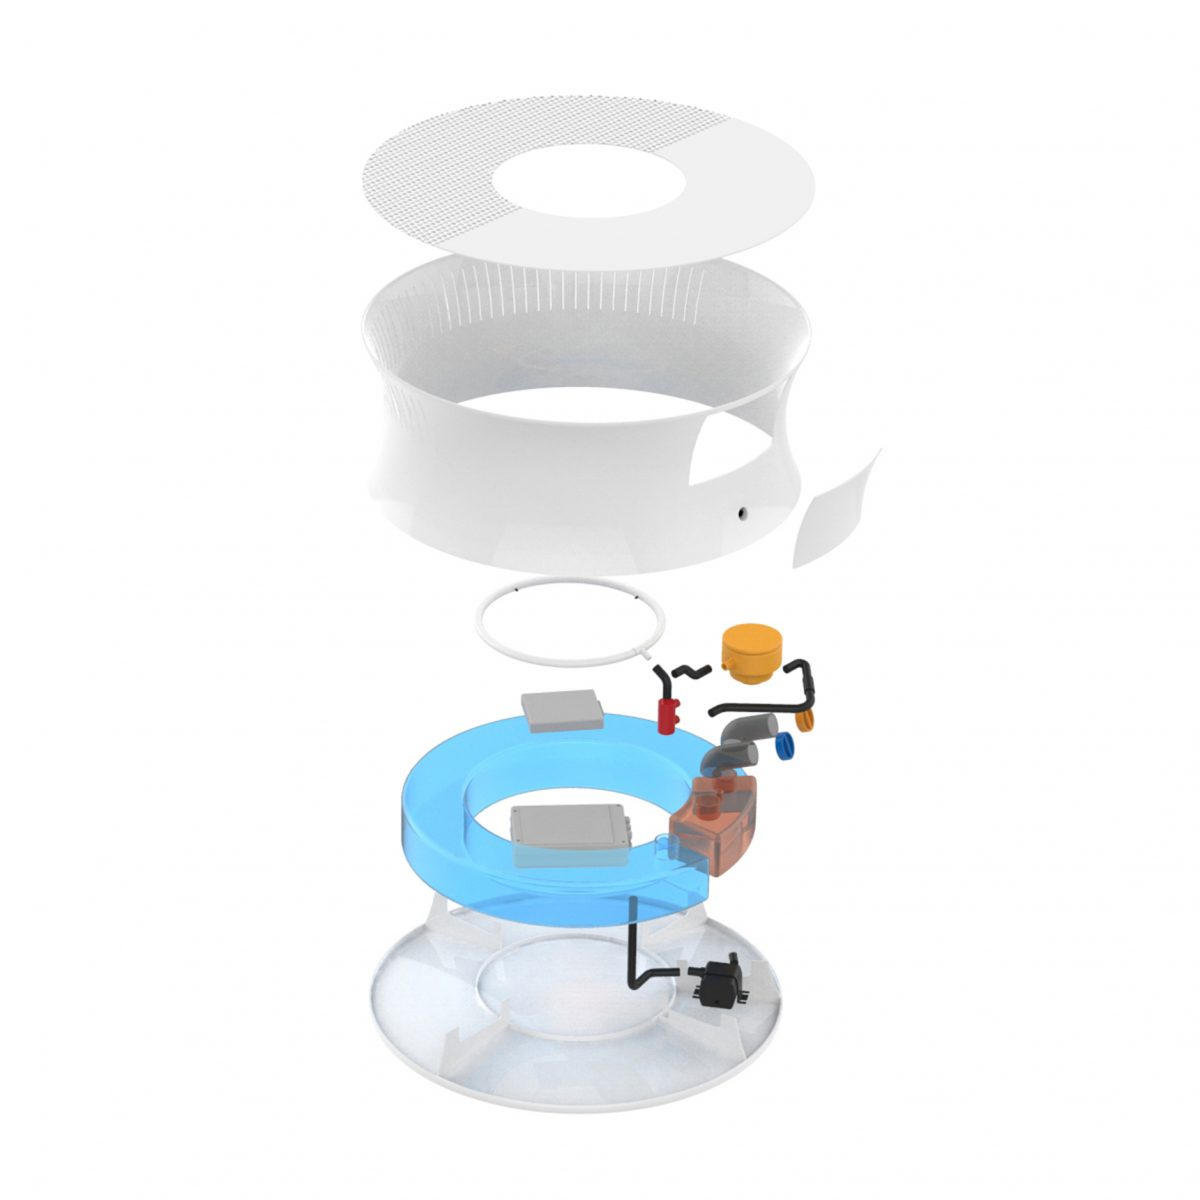 componenti elettrodomestico